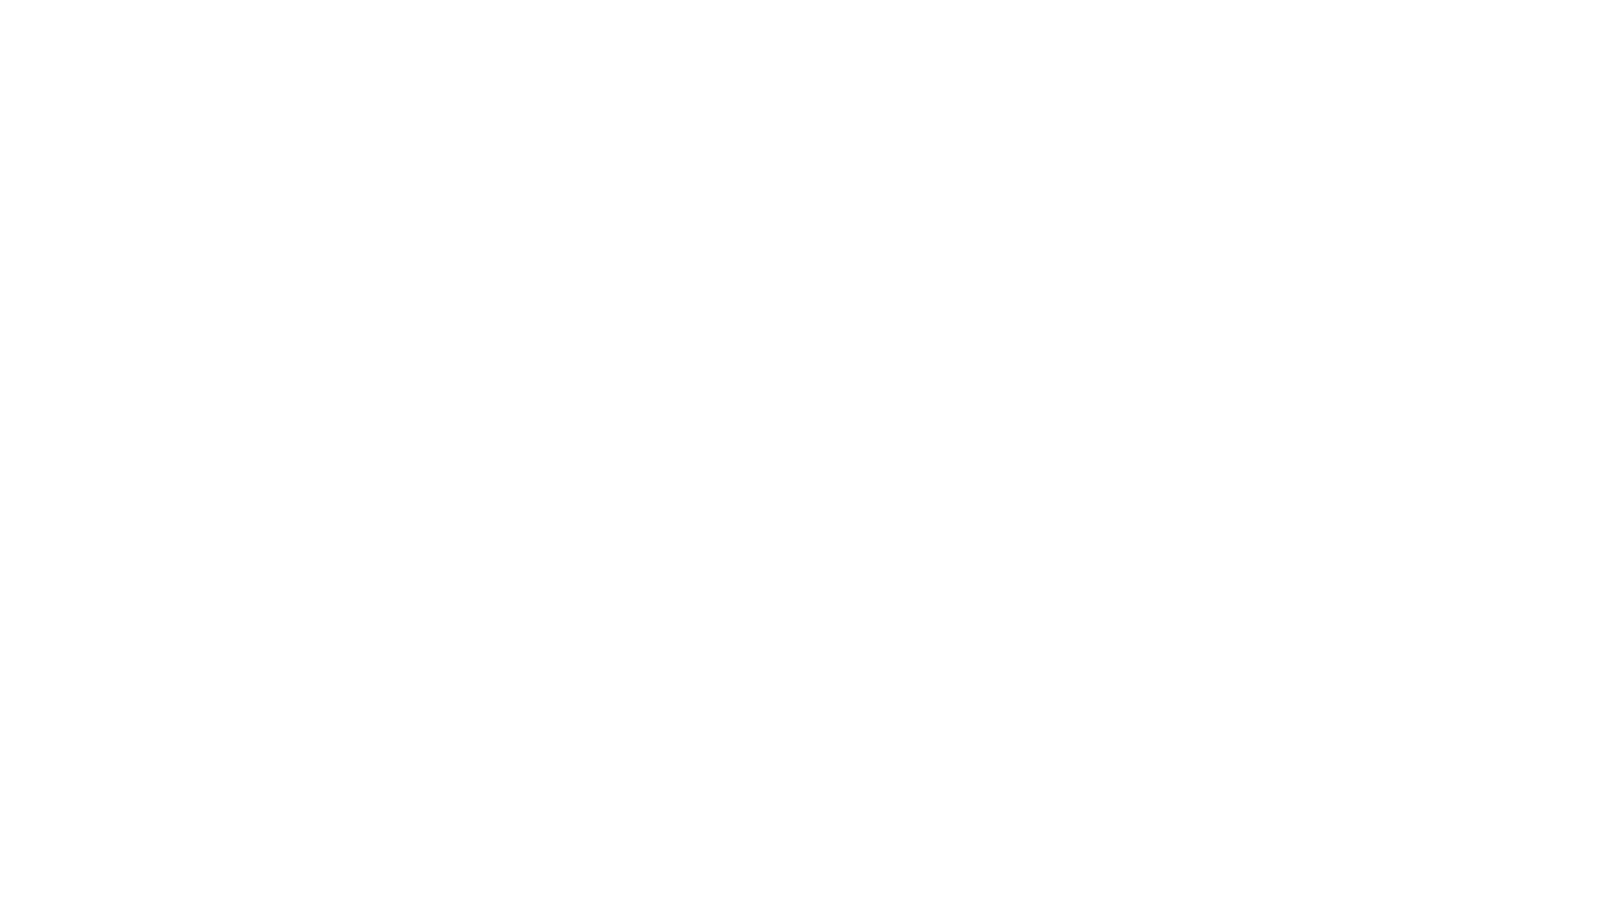 """#قراءات_من_إفريقيا آيات عطرة من الذكر الحكيم، يتلوها على مسامعكم """" #حبيب_سليمان وافولح """" من #أوغندا خلال مسابقة مؤسسة محمد السادس للعلماء الأفارقة في حفظ #القرآن الكريم.  #Récitations_coraniques_dAfrique Des versets du Saint #Coran récités par #Wafula_Habib Sulaiman de l'#Ouganda Au cours du #concours de mémorisation du #Saint_Coran de la Fondation Mohammed VI des Ouléma Africains.  #Quran_Recitations_of_Africa Holy #Quran verses recited by Wafula Habib Sulaiman from #Ouganda During the Mohammed VI Foundation of African Oulema #Holy_Quran competition of memorization.  زوروا موقعنا الإلكتروني : https://www.fm6oa.org   تابعونا على فايسبوك  : https://facebook.com/fm6oaorg تابعونا على إنستغرام : https://instagram.com/fm6oaorg تابعونا على تويتر : https://twitter.com/fm6oaorg تابعونا على لينكد إن: https://linkedin.com/company/fm6oaorg"""